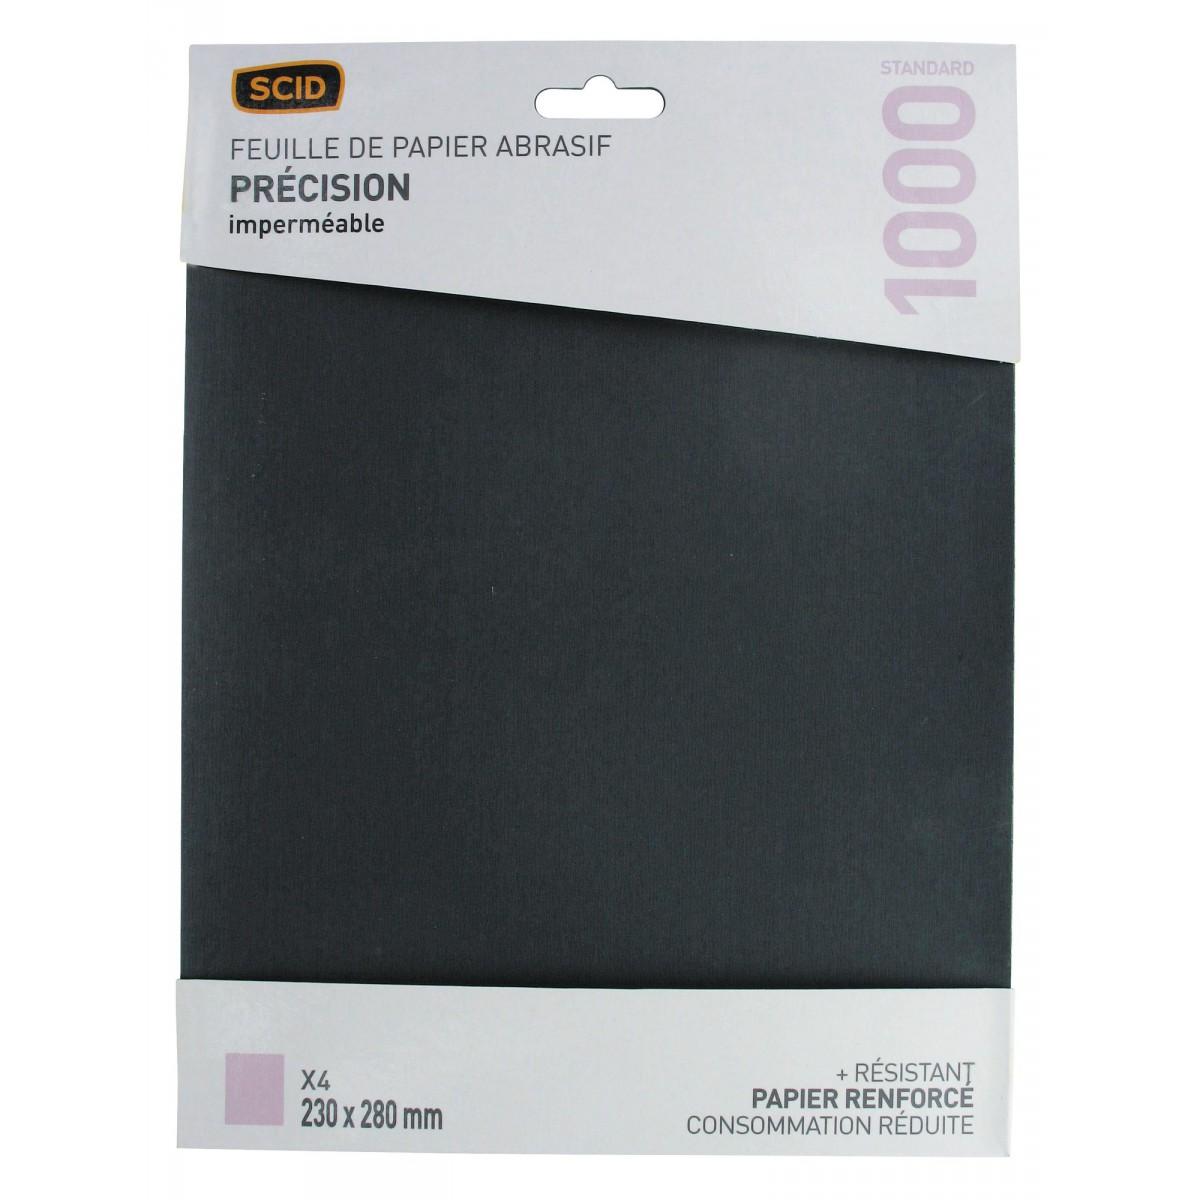 Papier imperméable 230 x 280 mm SCID - Grain 1000 - Vendu par 4